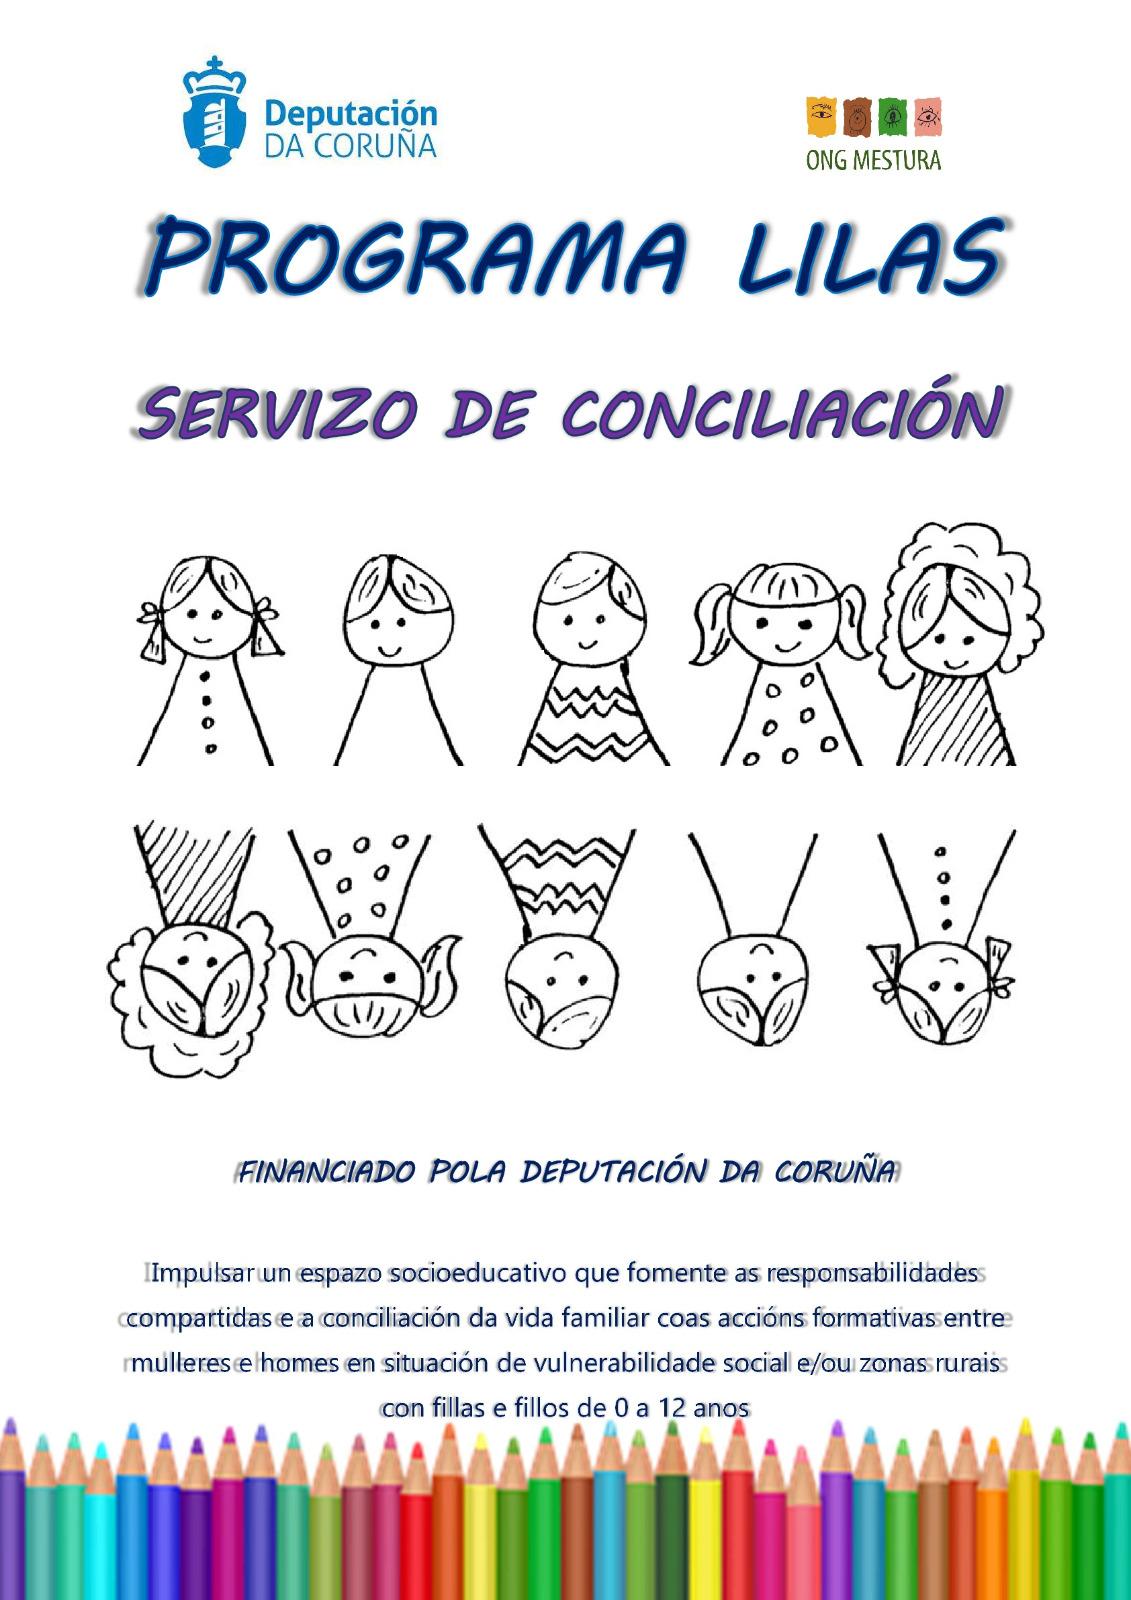 programa lilas, ong mestura, servizo de conciliacion, culleredo